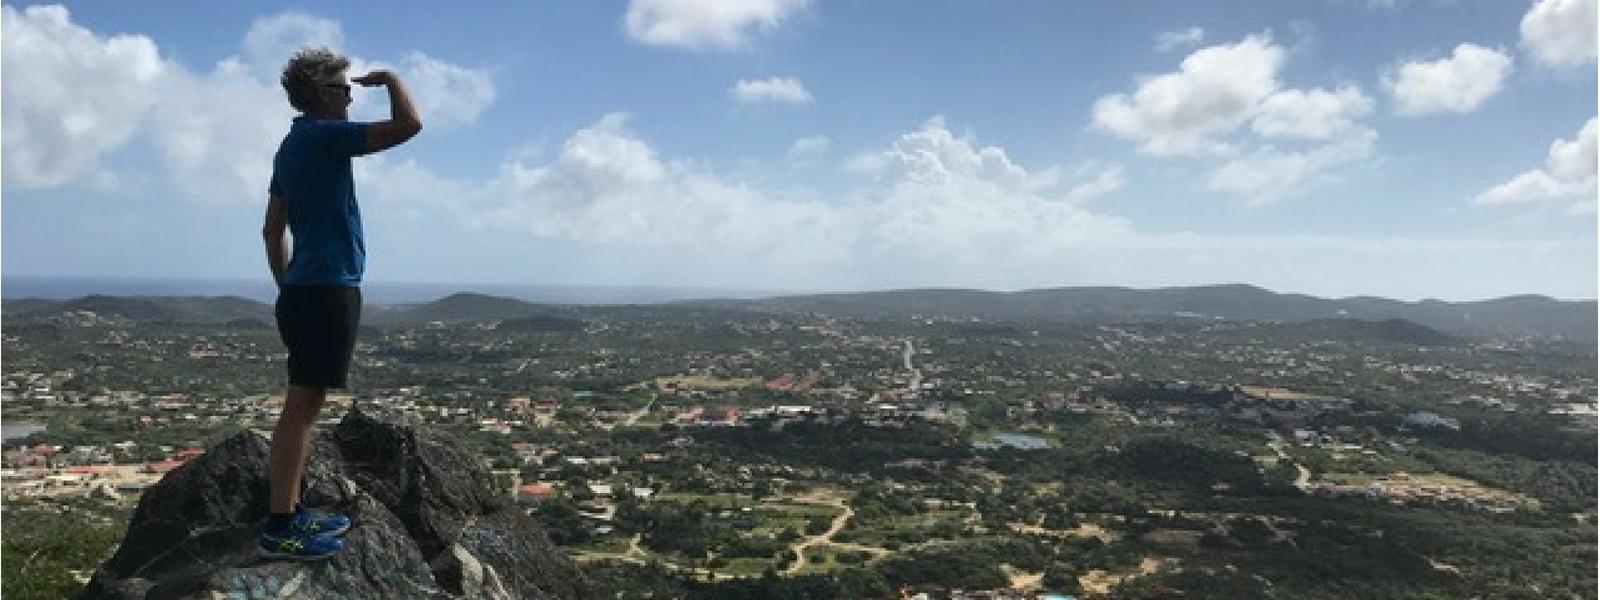 Aruba, zoveel meer dan een 'happy island!